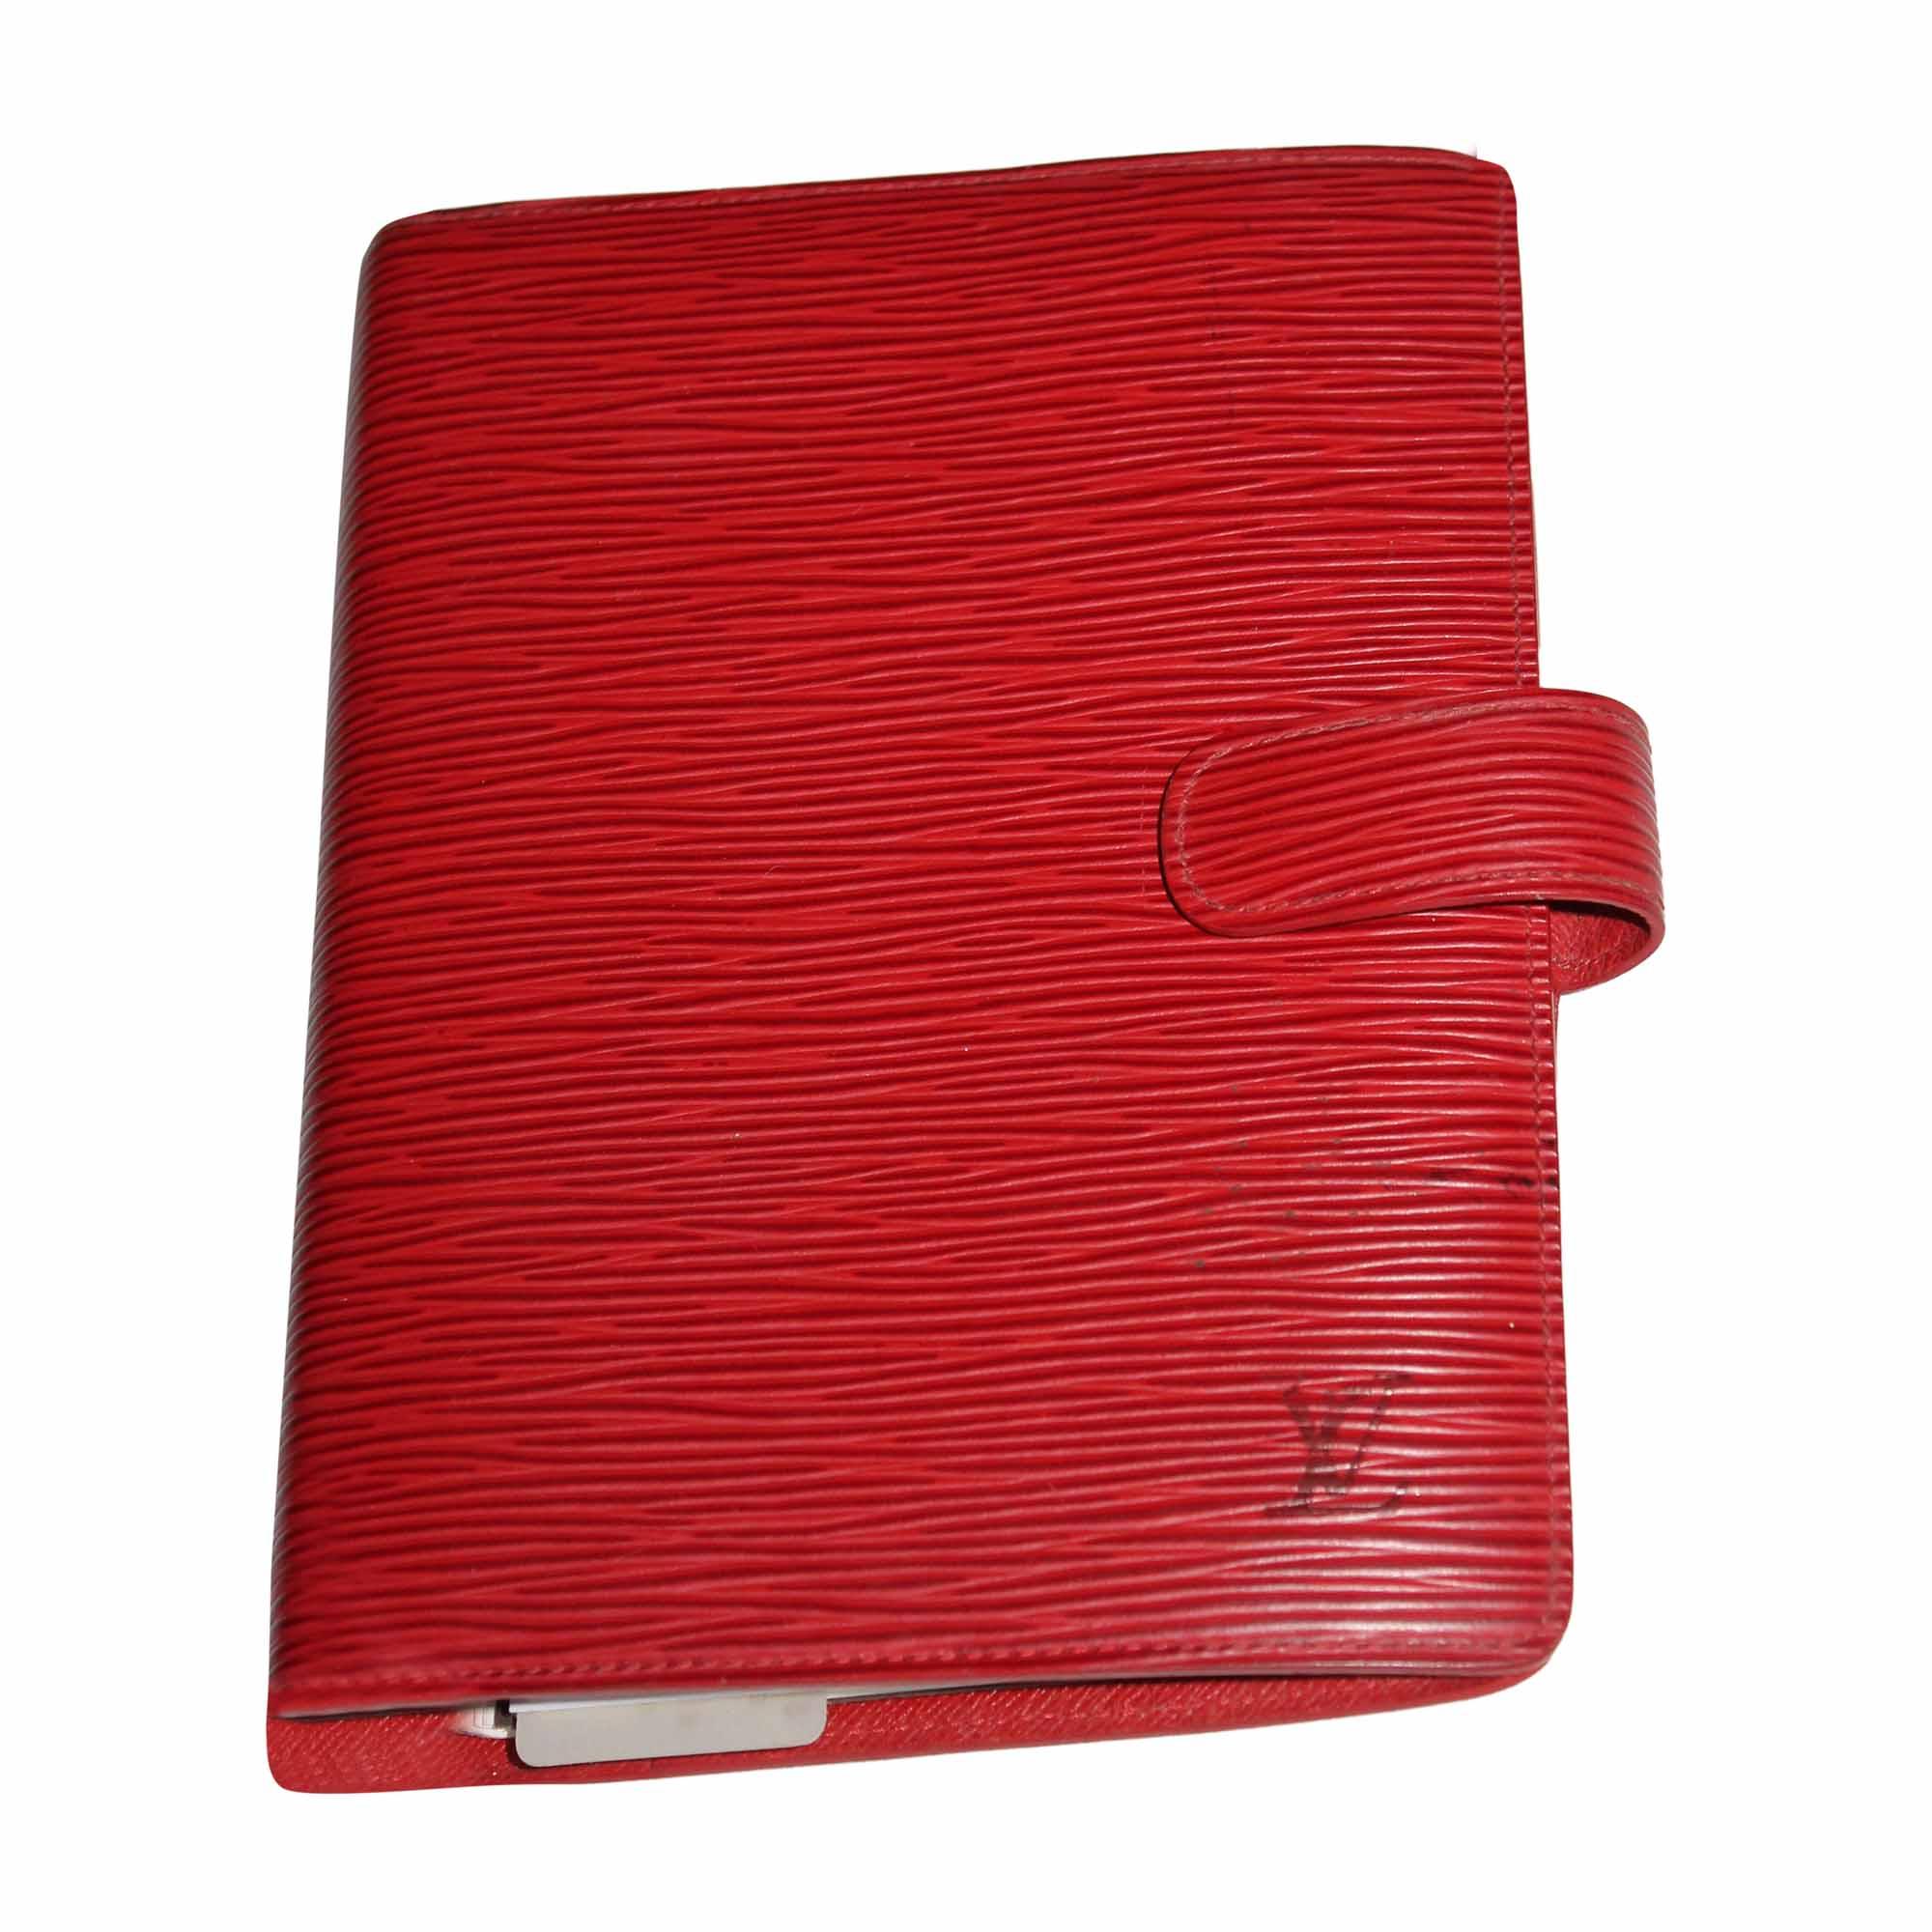 Pochette LOUIS VUITTON rouge vendu par Jossely - 6849954 3835ed9a131